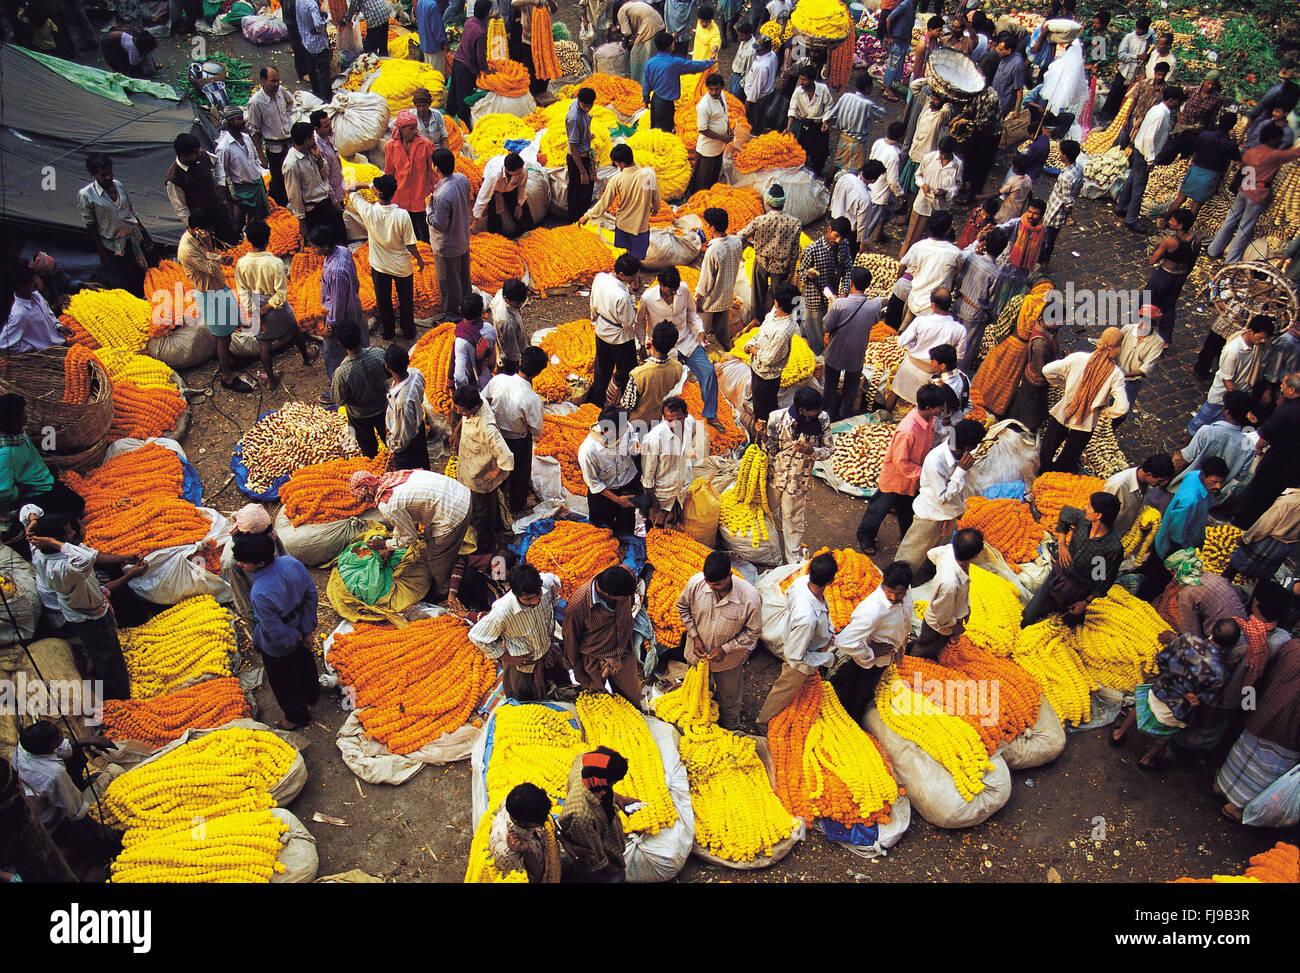 Flower market, kolkata, west bengal, india, asia - Stock Image